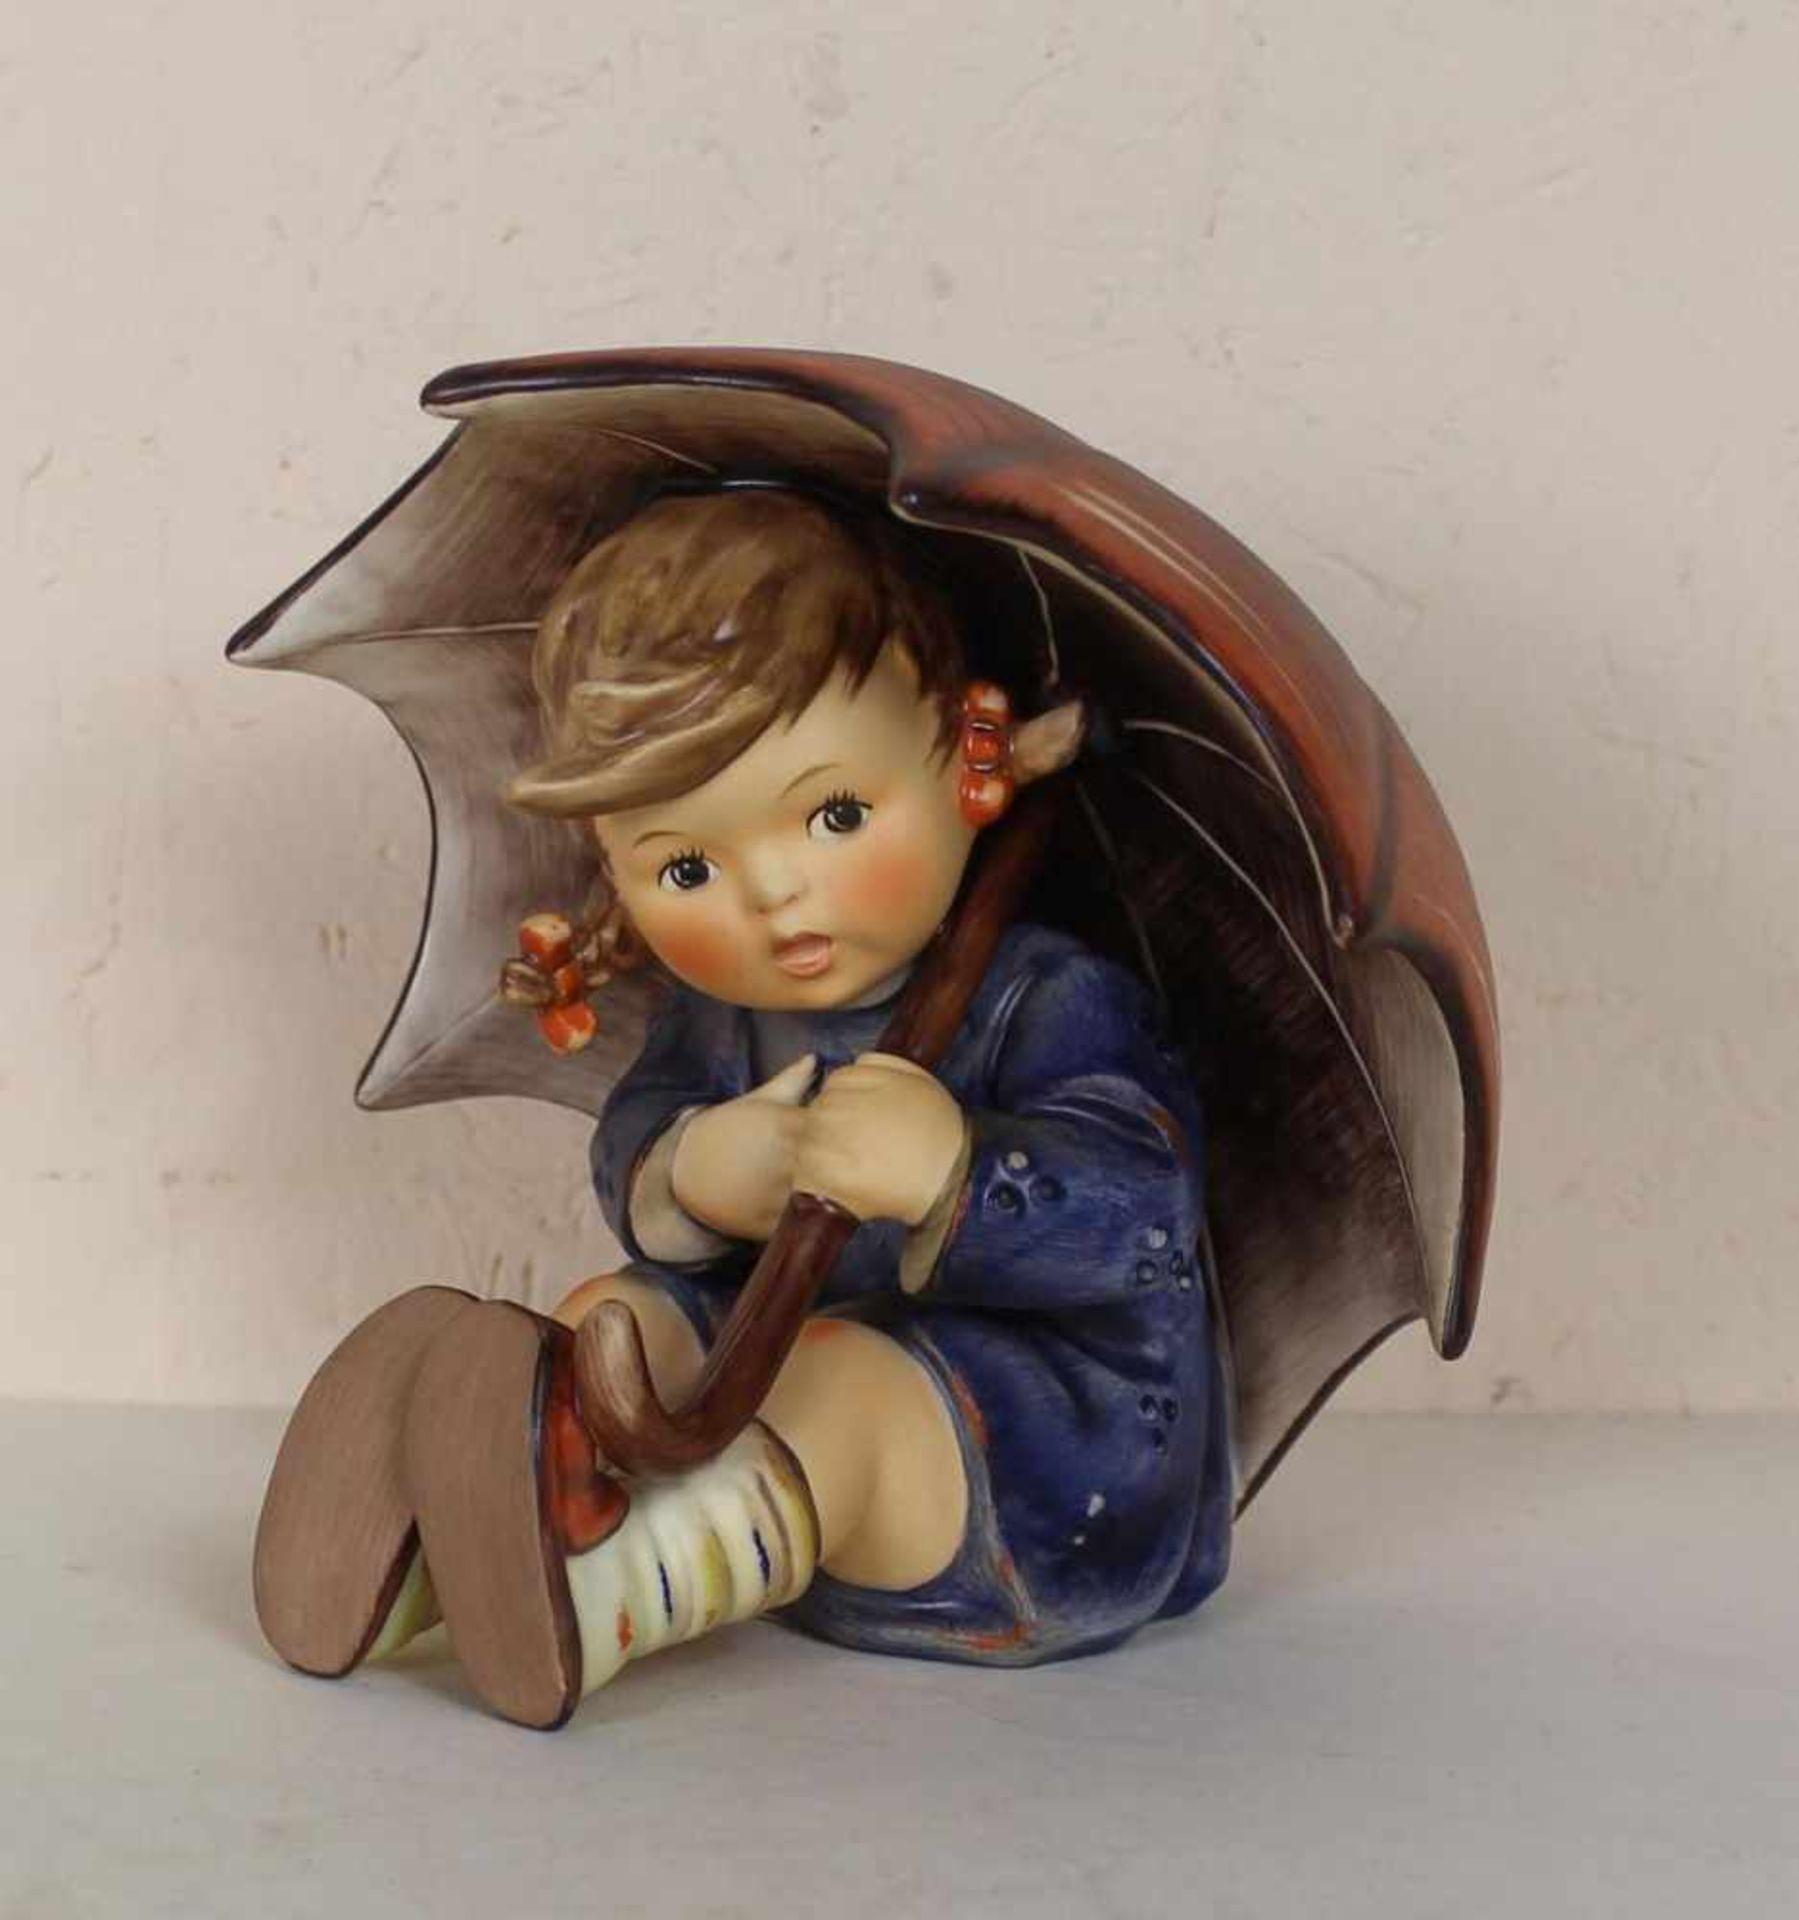 Hummelfigur Mädchen mit Regenschirm, Nummer152/0 B, unbeschädigt im Originalkarton, Höhe ca 12 cm.